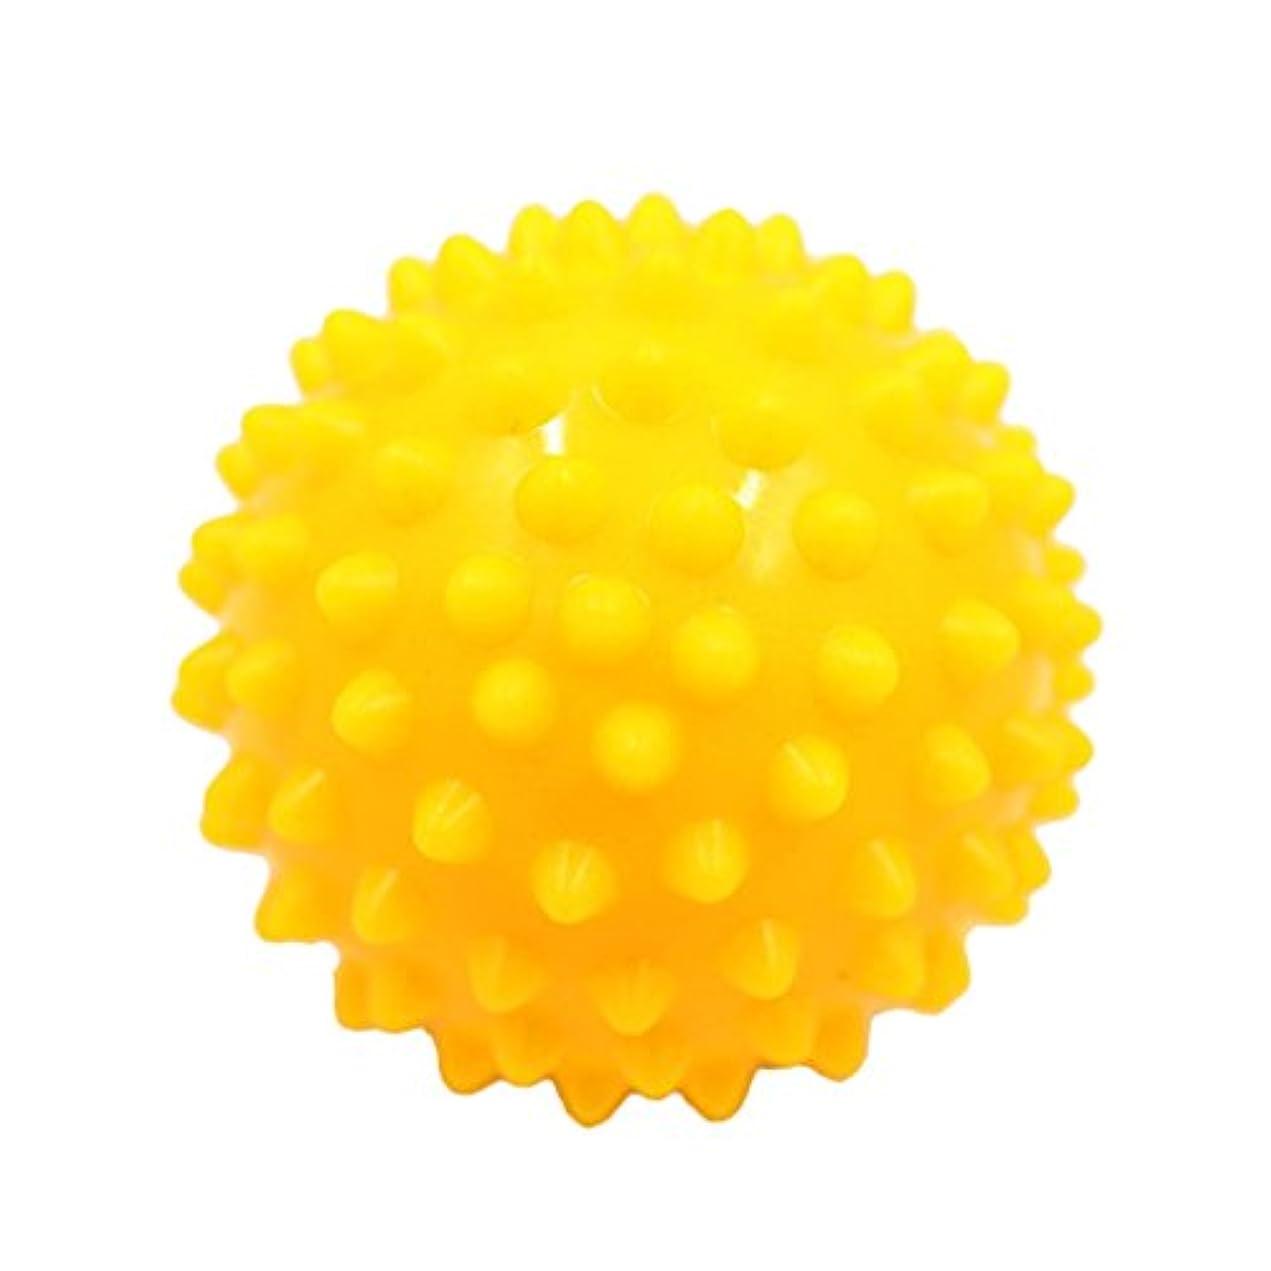 神聖ペルー蜂マッサージボール マッサージ器 ボディ スパイク マッサージ 刺激ボール 3色選べ - 黄, 説明したように